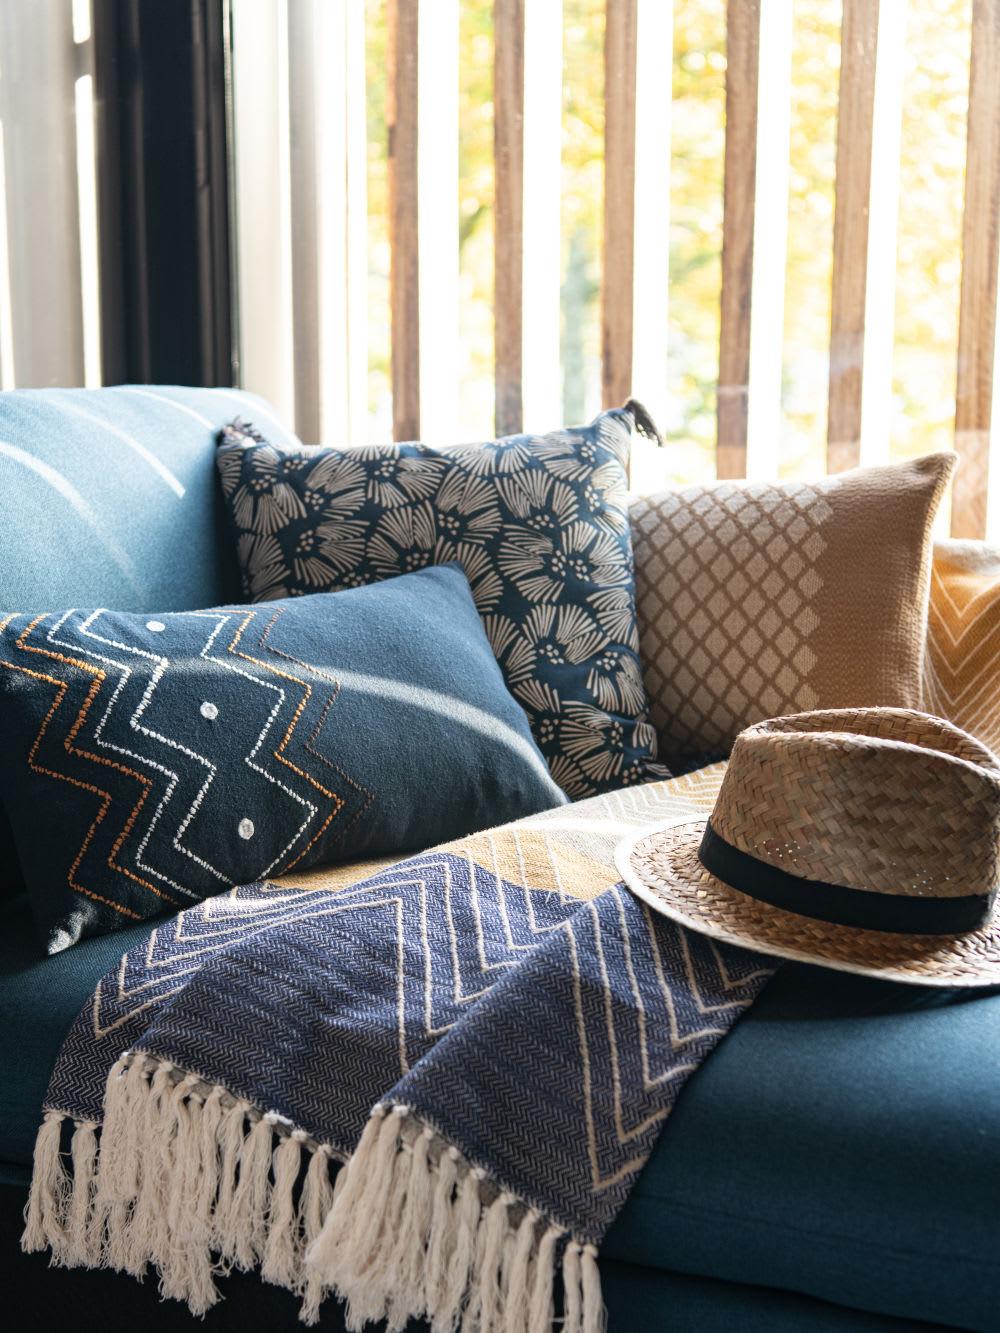 Cuscini Bianchi E Neri fodera di cuscino in cotone ricamato tricolore, 30x50 cm